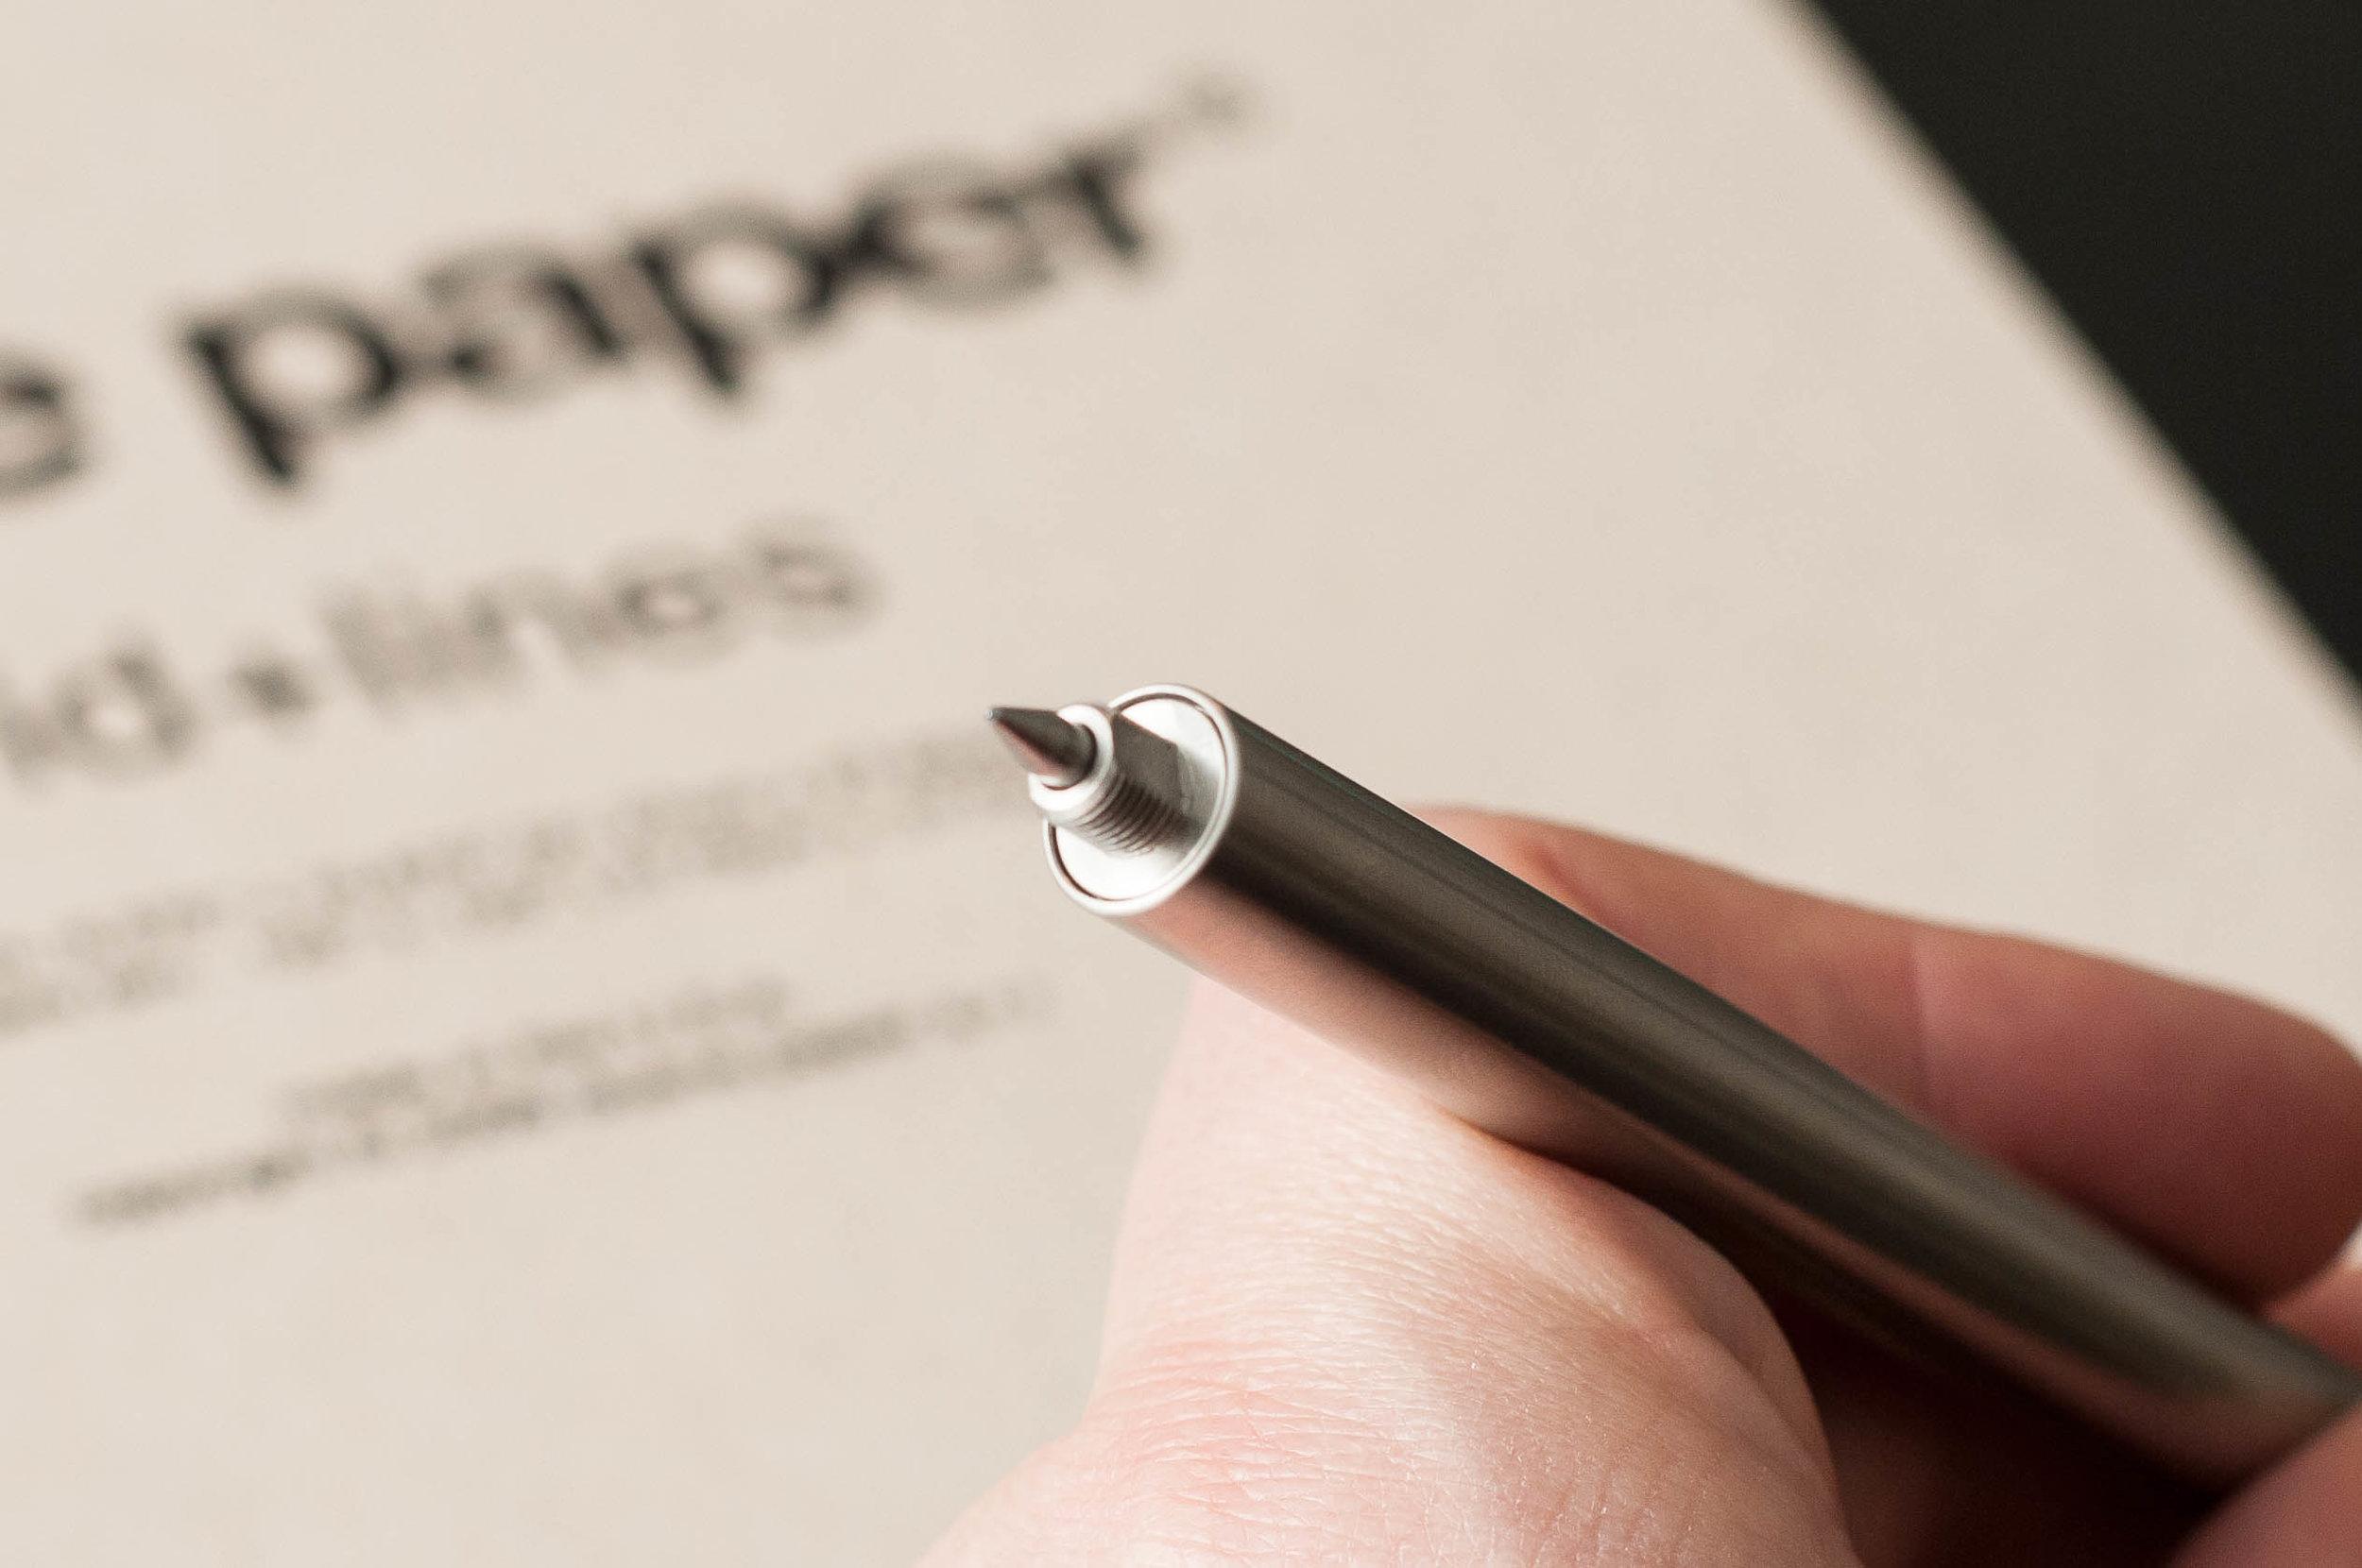 ATELEIA Stainless Steel Pen Tip